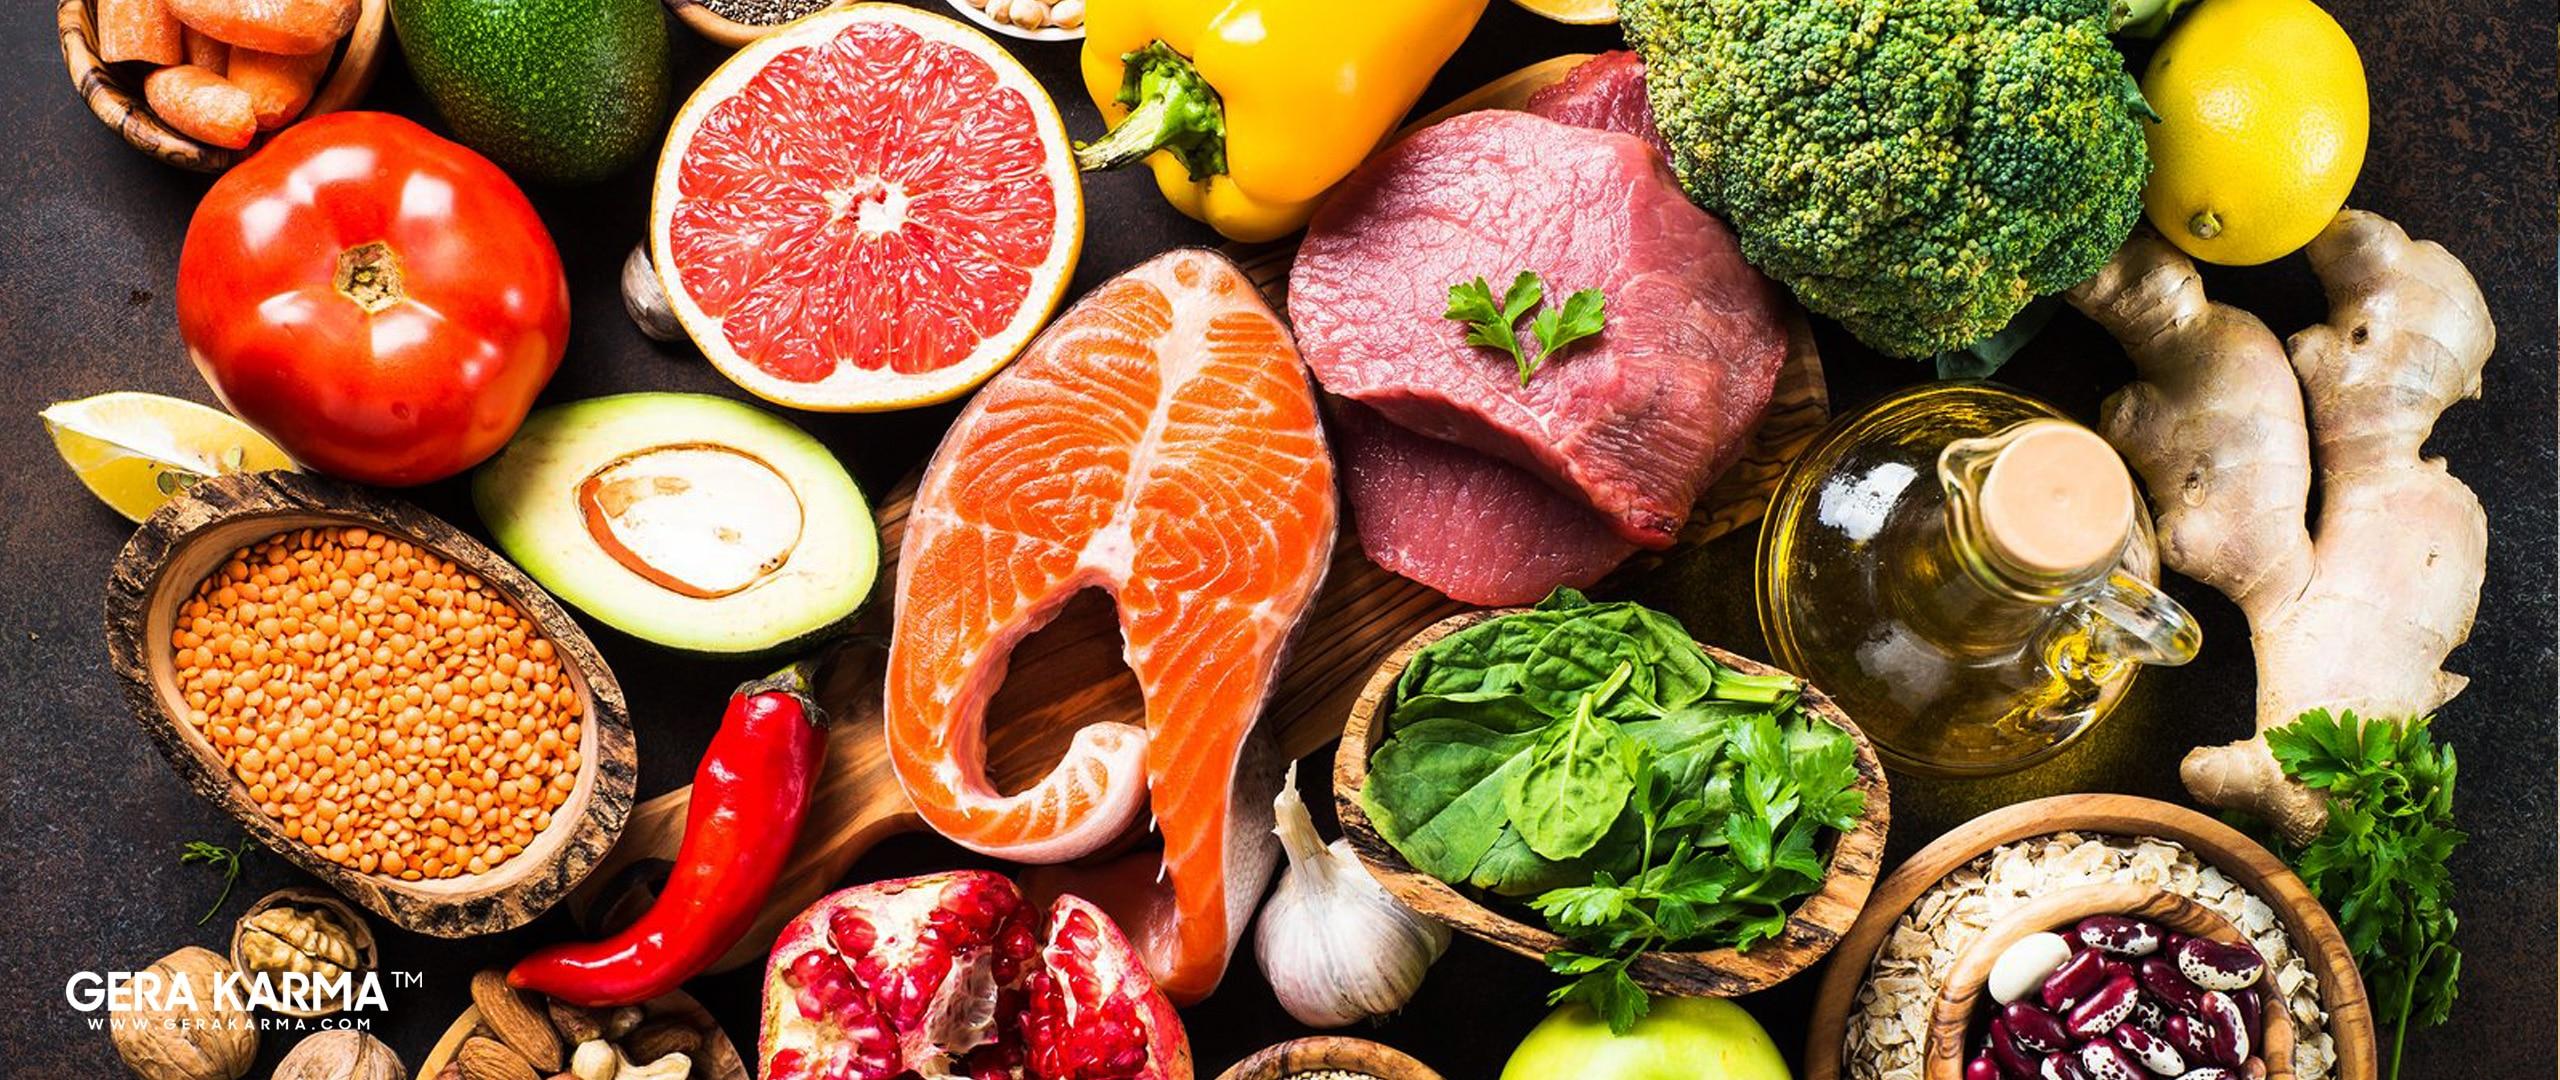 senejima-mazinantys-stabdantys-maisto-produktai-gera-karma